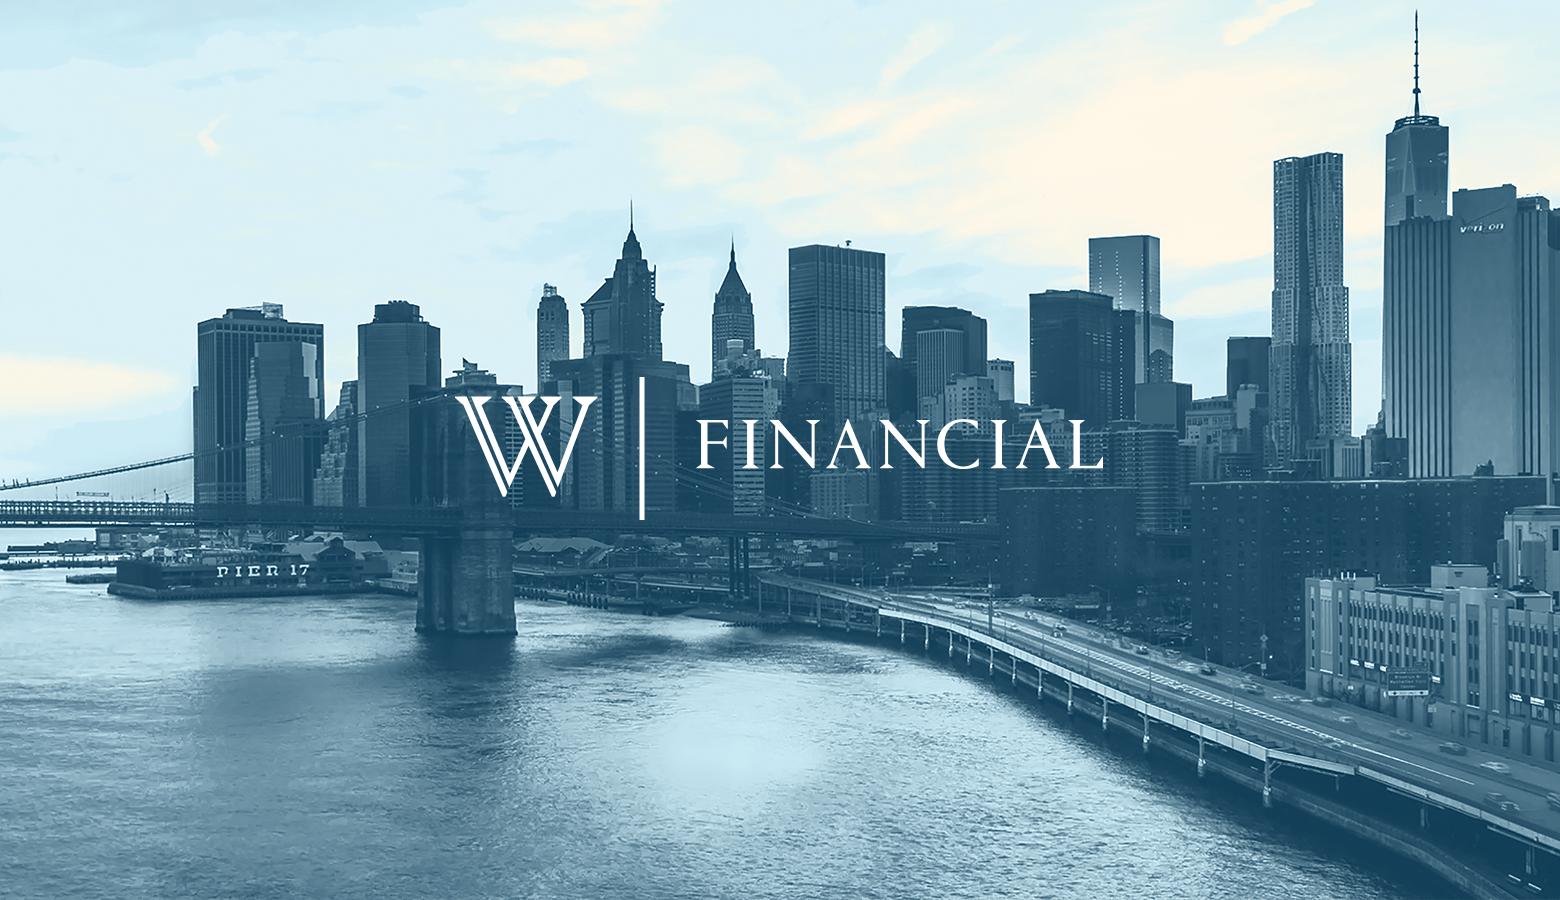 W Financial